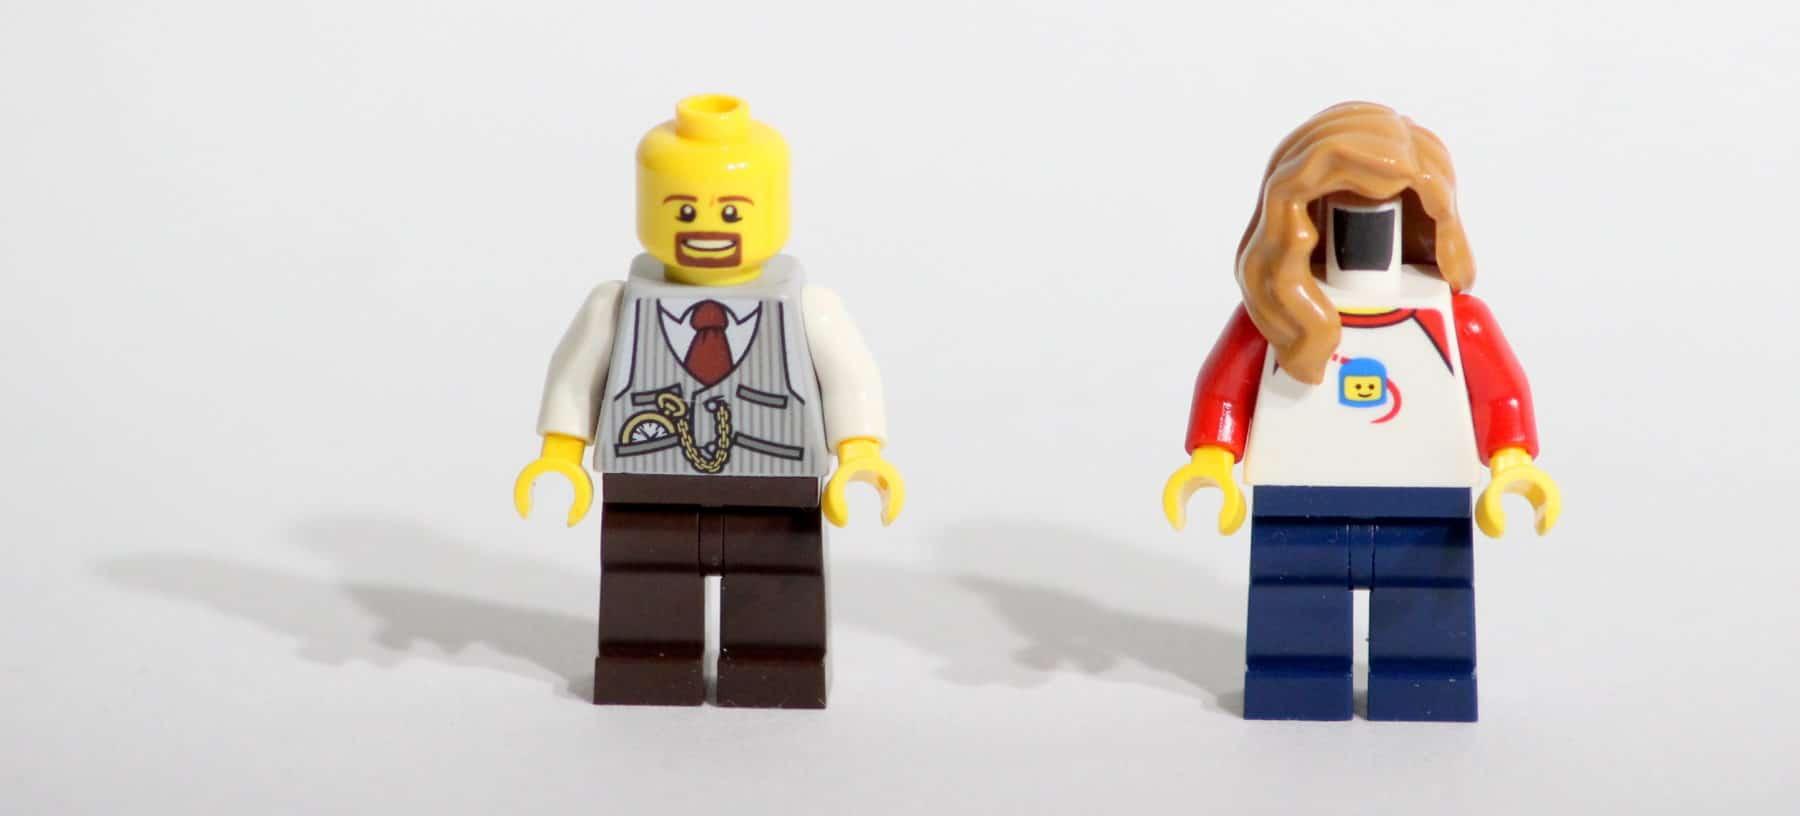 The LEGO Story: Minifiguren laut Anleitung